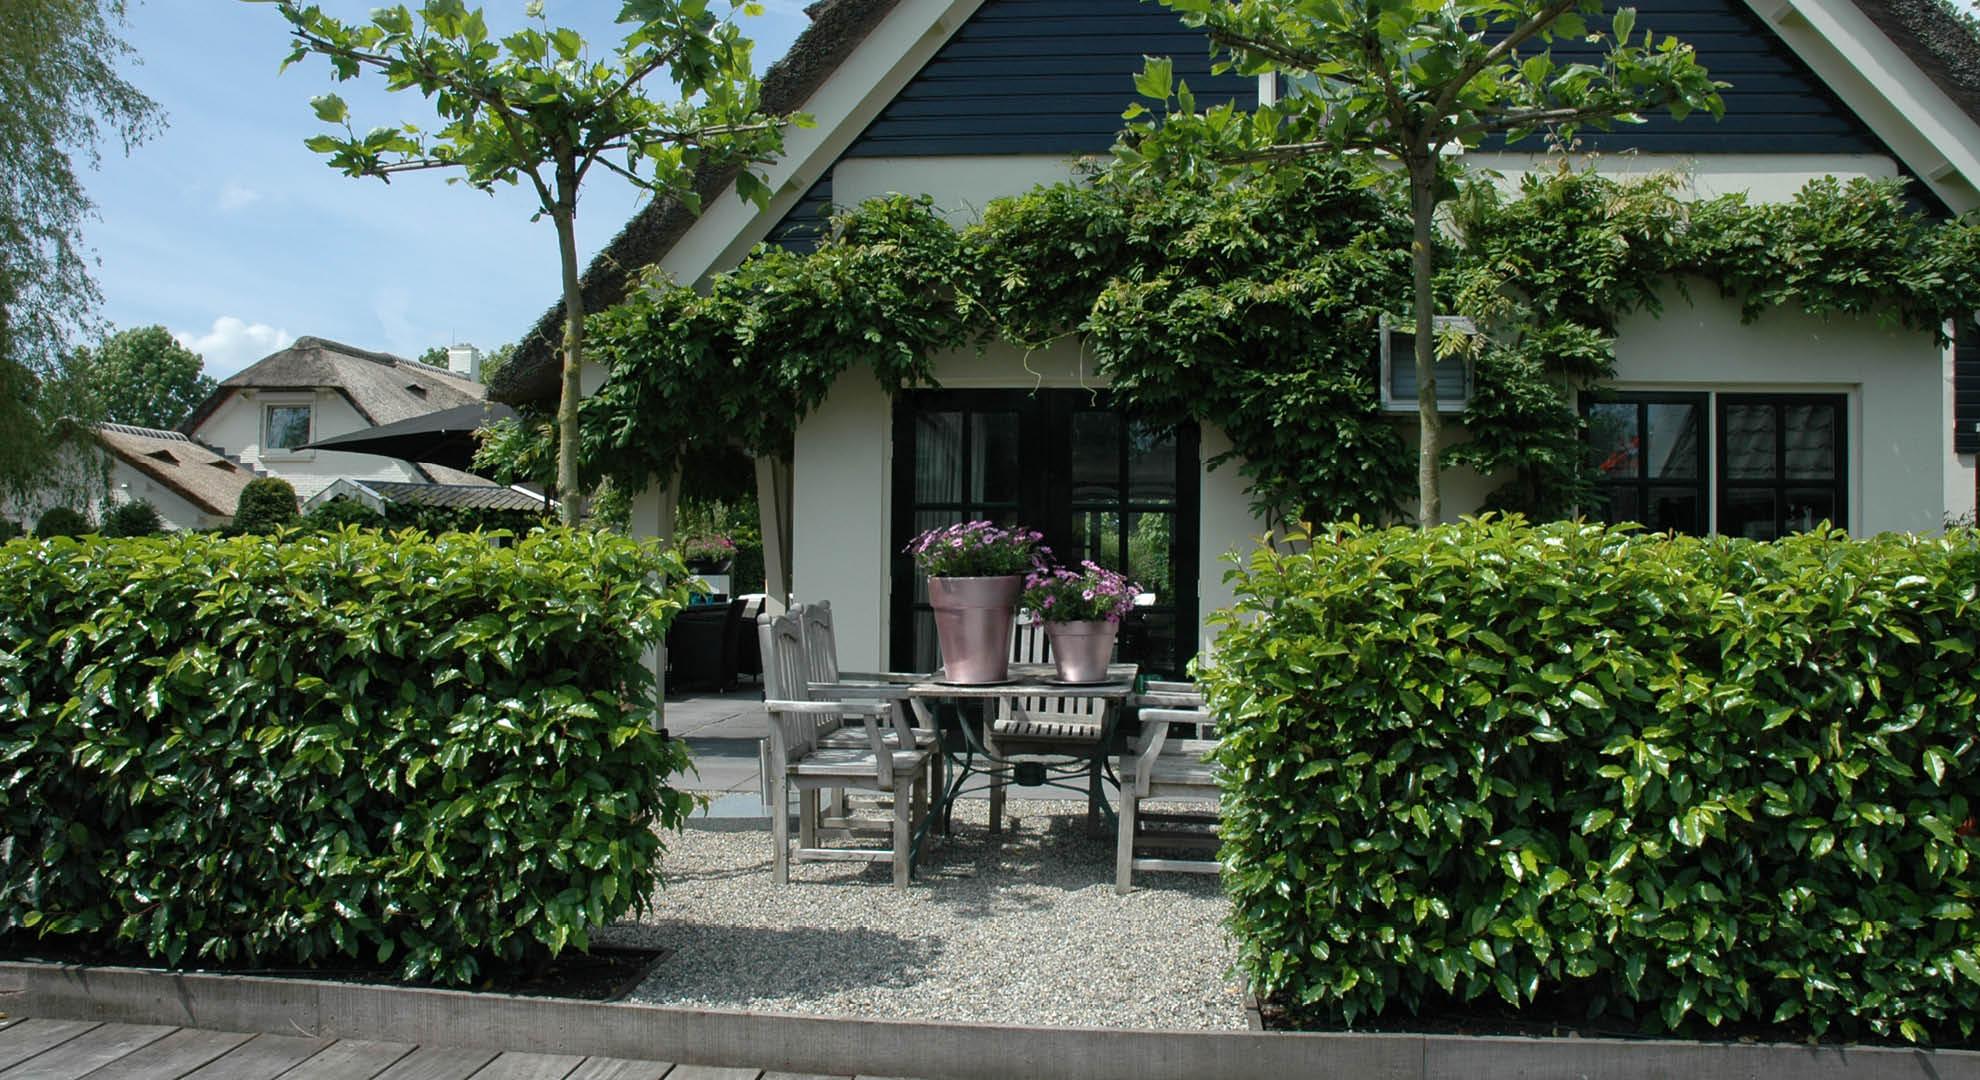 Villatuin aan de plassen - Foto 6